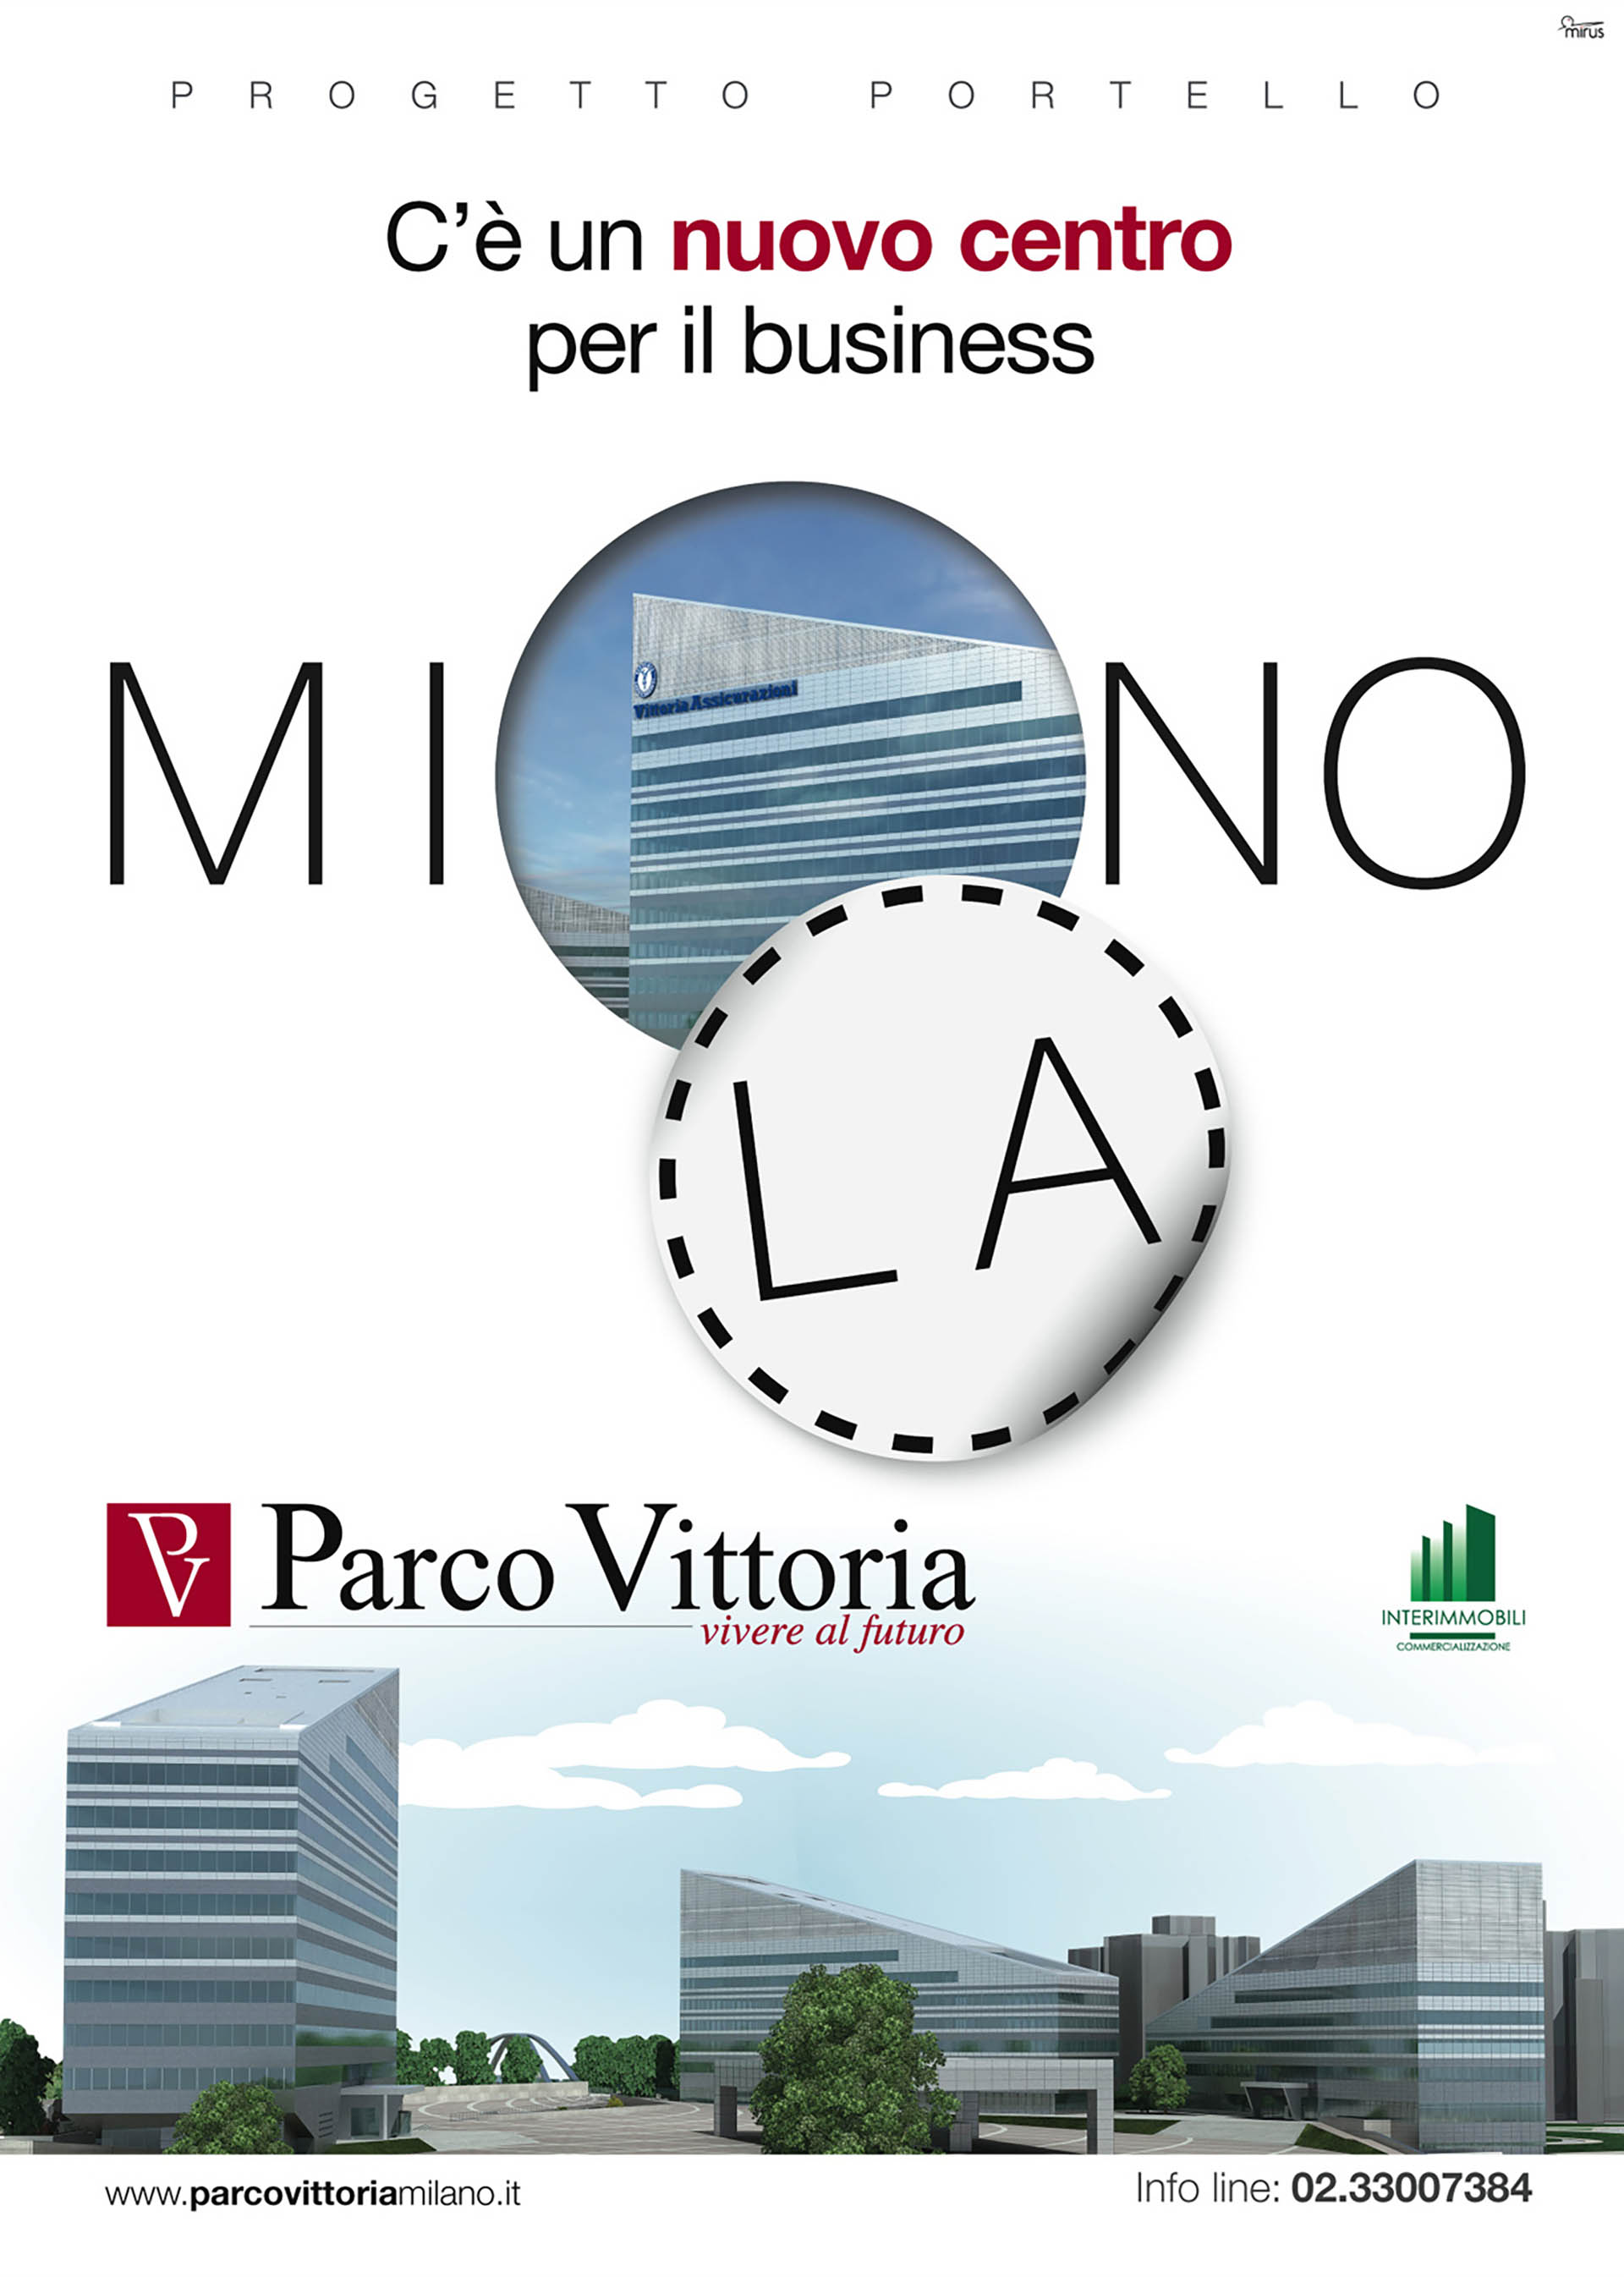 """Parco Vittoria, ADV """"Taglio"""""""